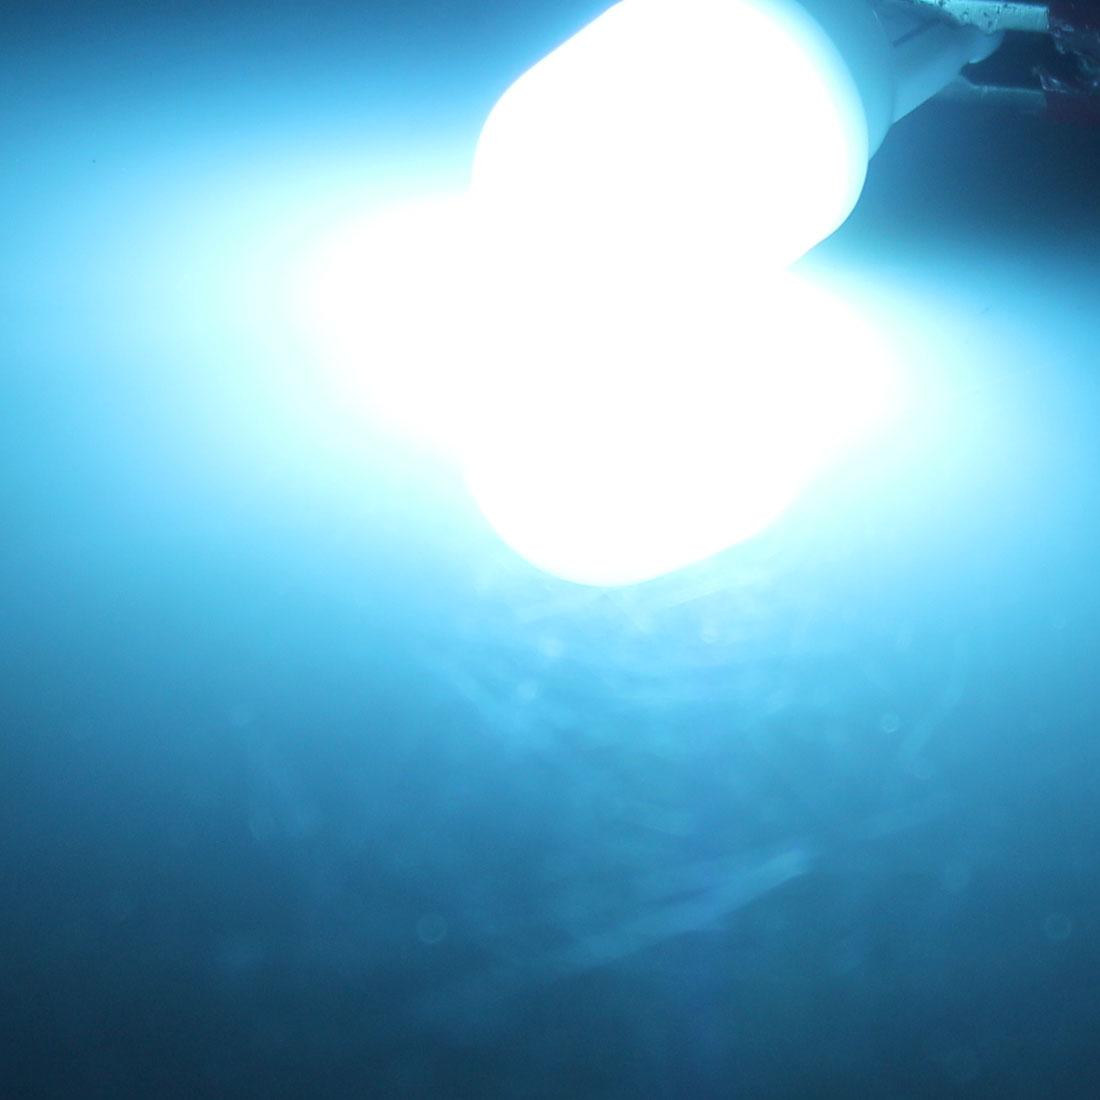 4Pcs T10 Ampoule Bleue Froide 2-LED Voiture Instrument Panneau Lampe 12V 1W Intérieur - image 1 de 2